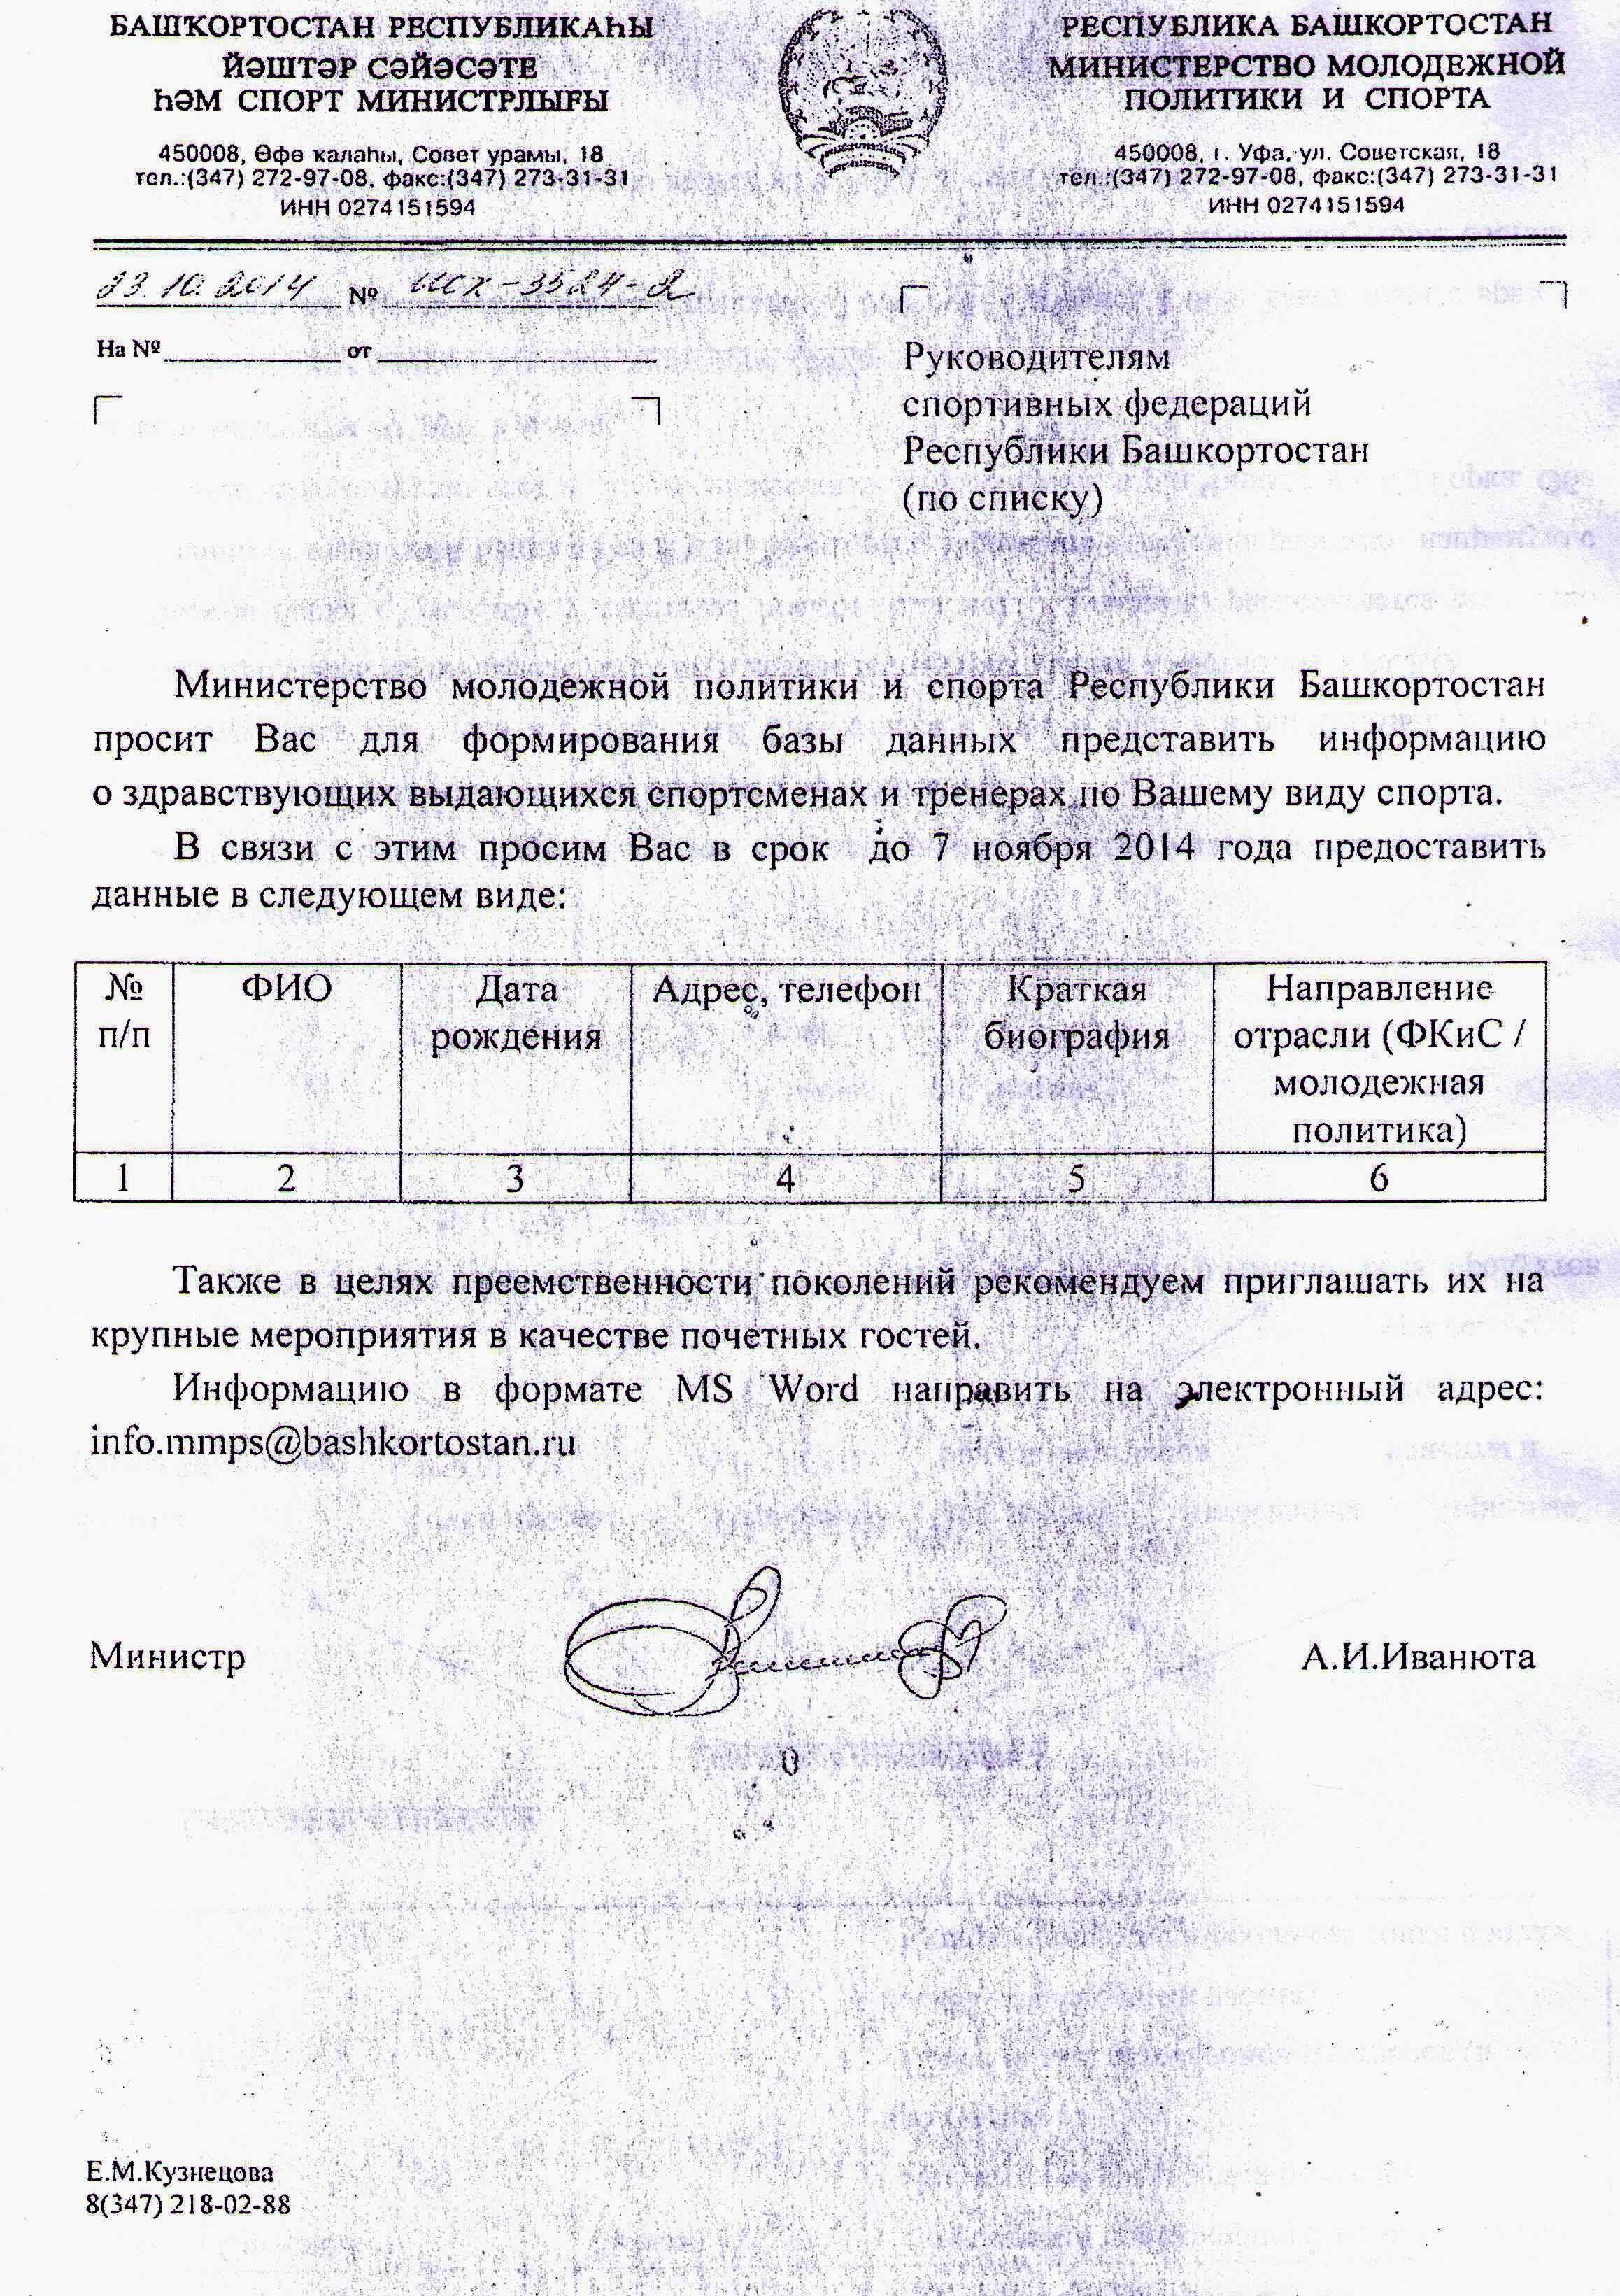 Письмо ММПиС по выдающимся спортсменам_U